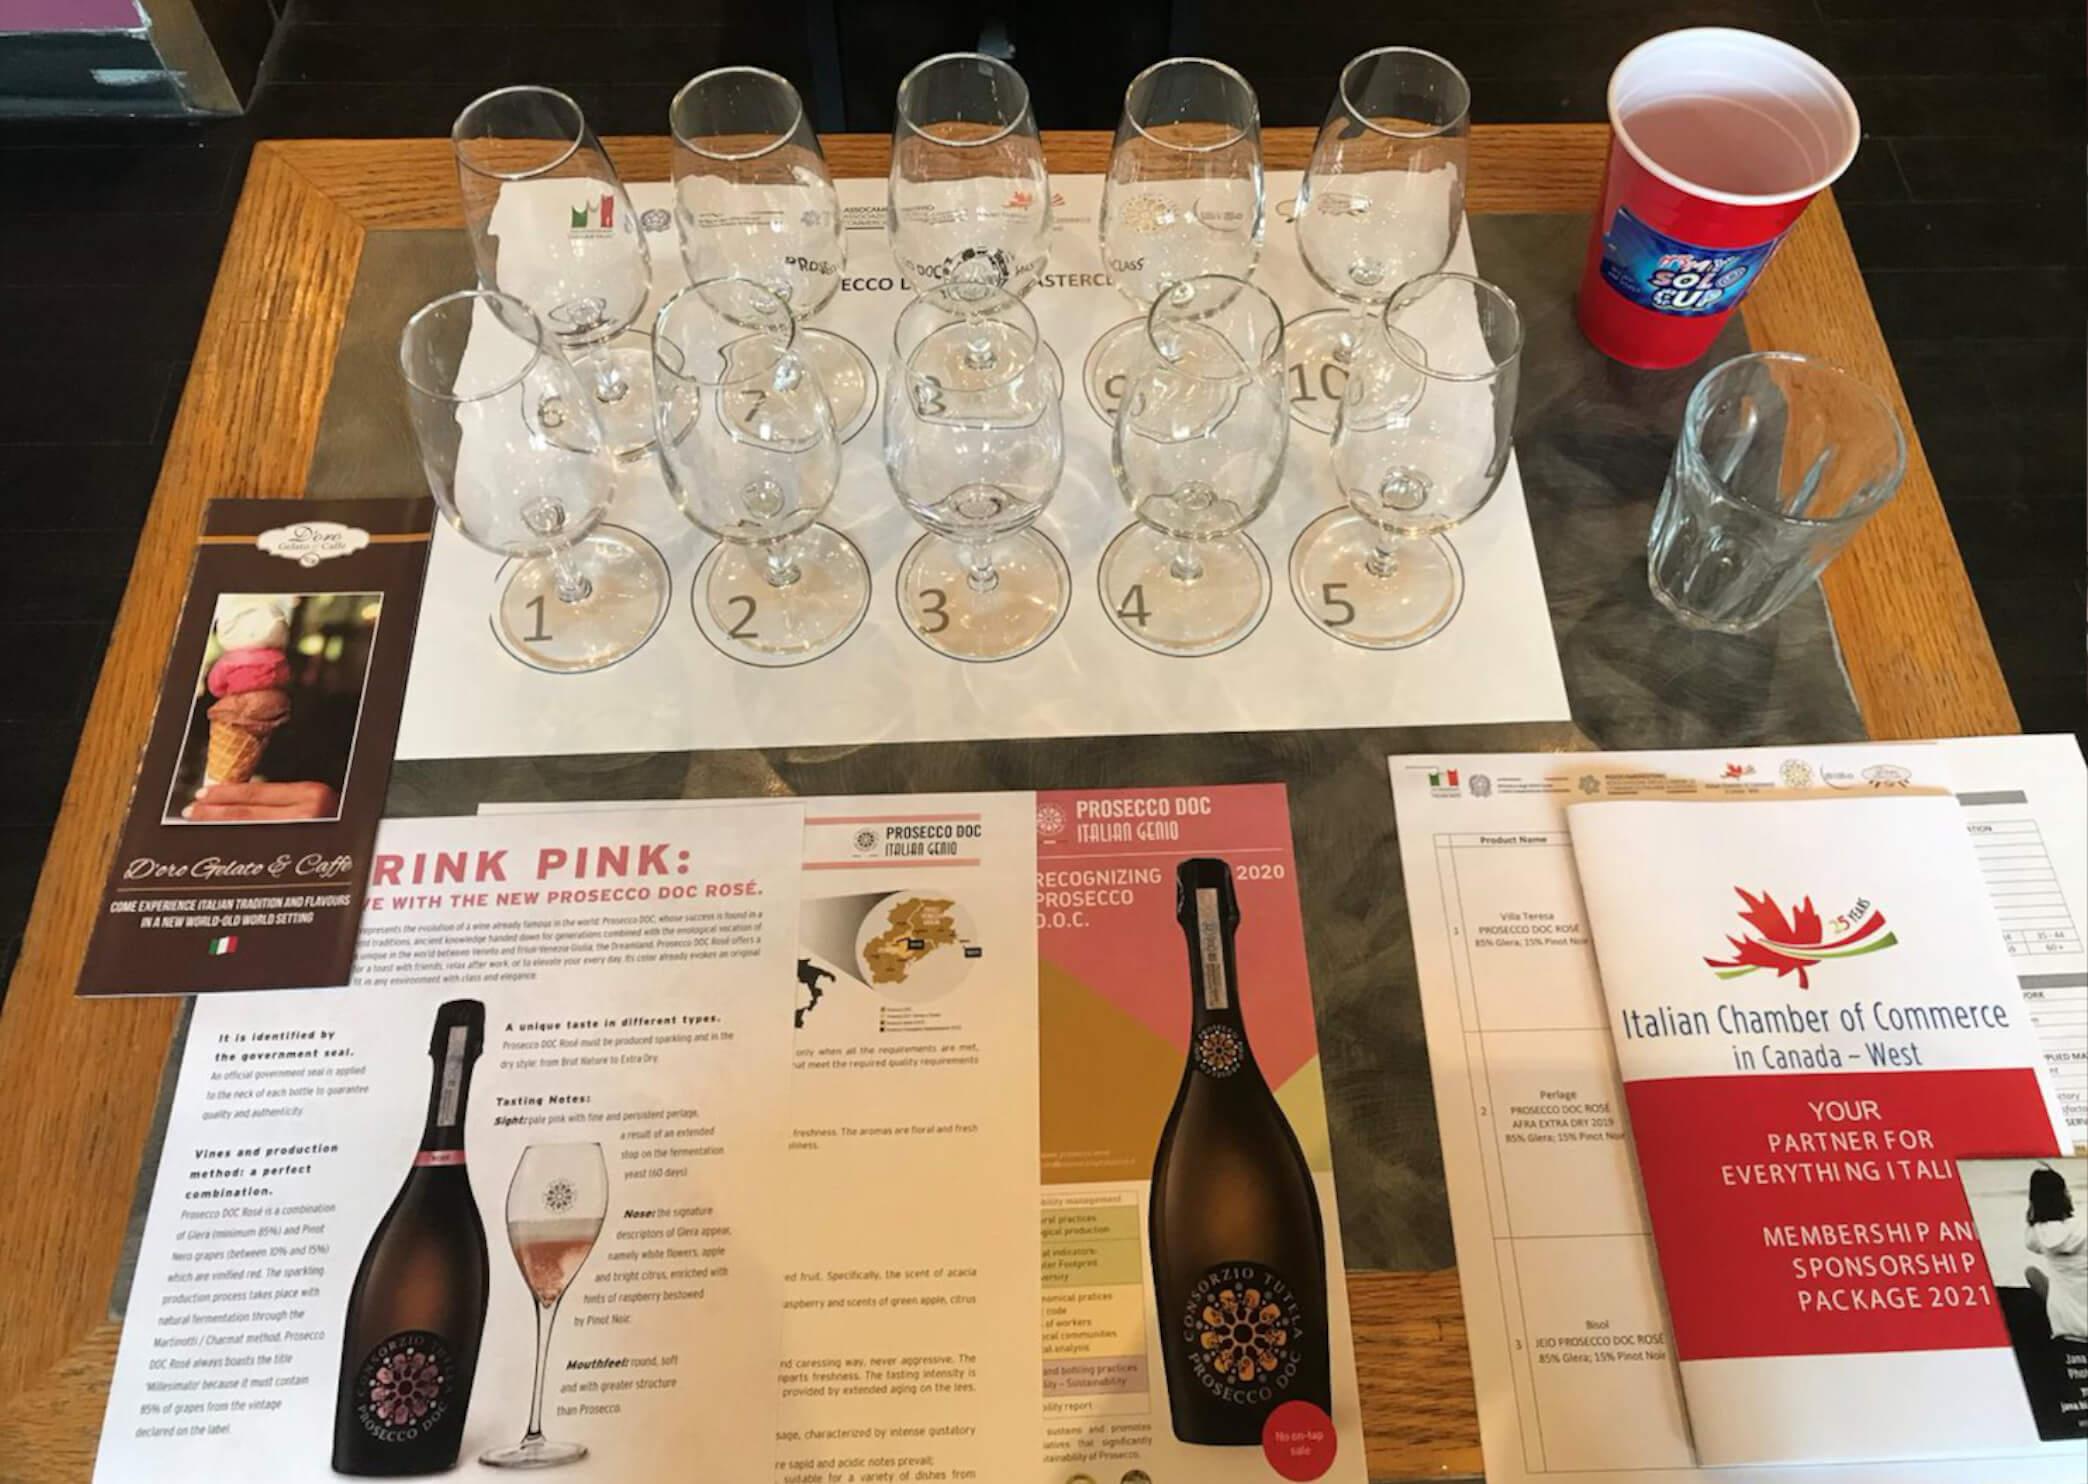 Prosecco DOC Rose Masterclass Vancouver Canada True Italian Taste Italian Chamber Of Commerce